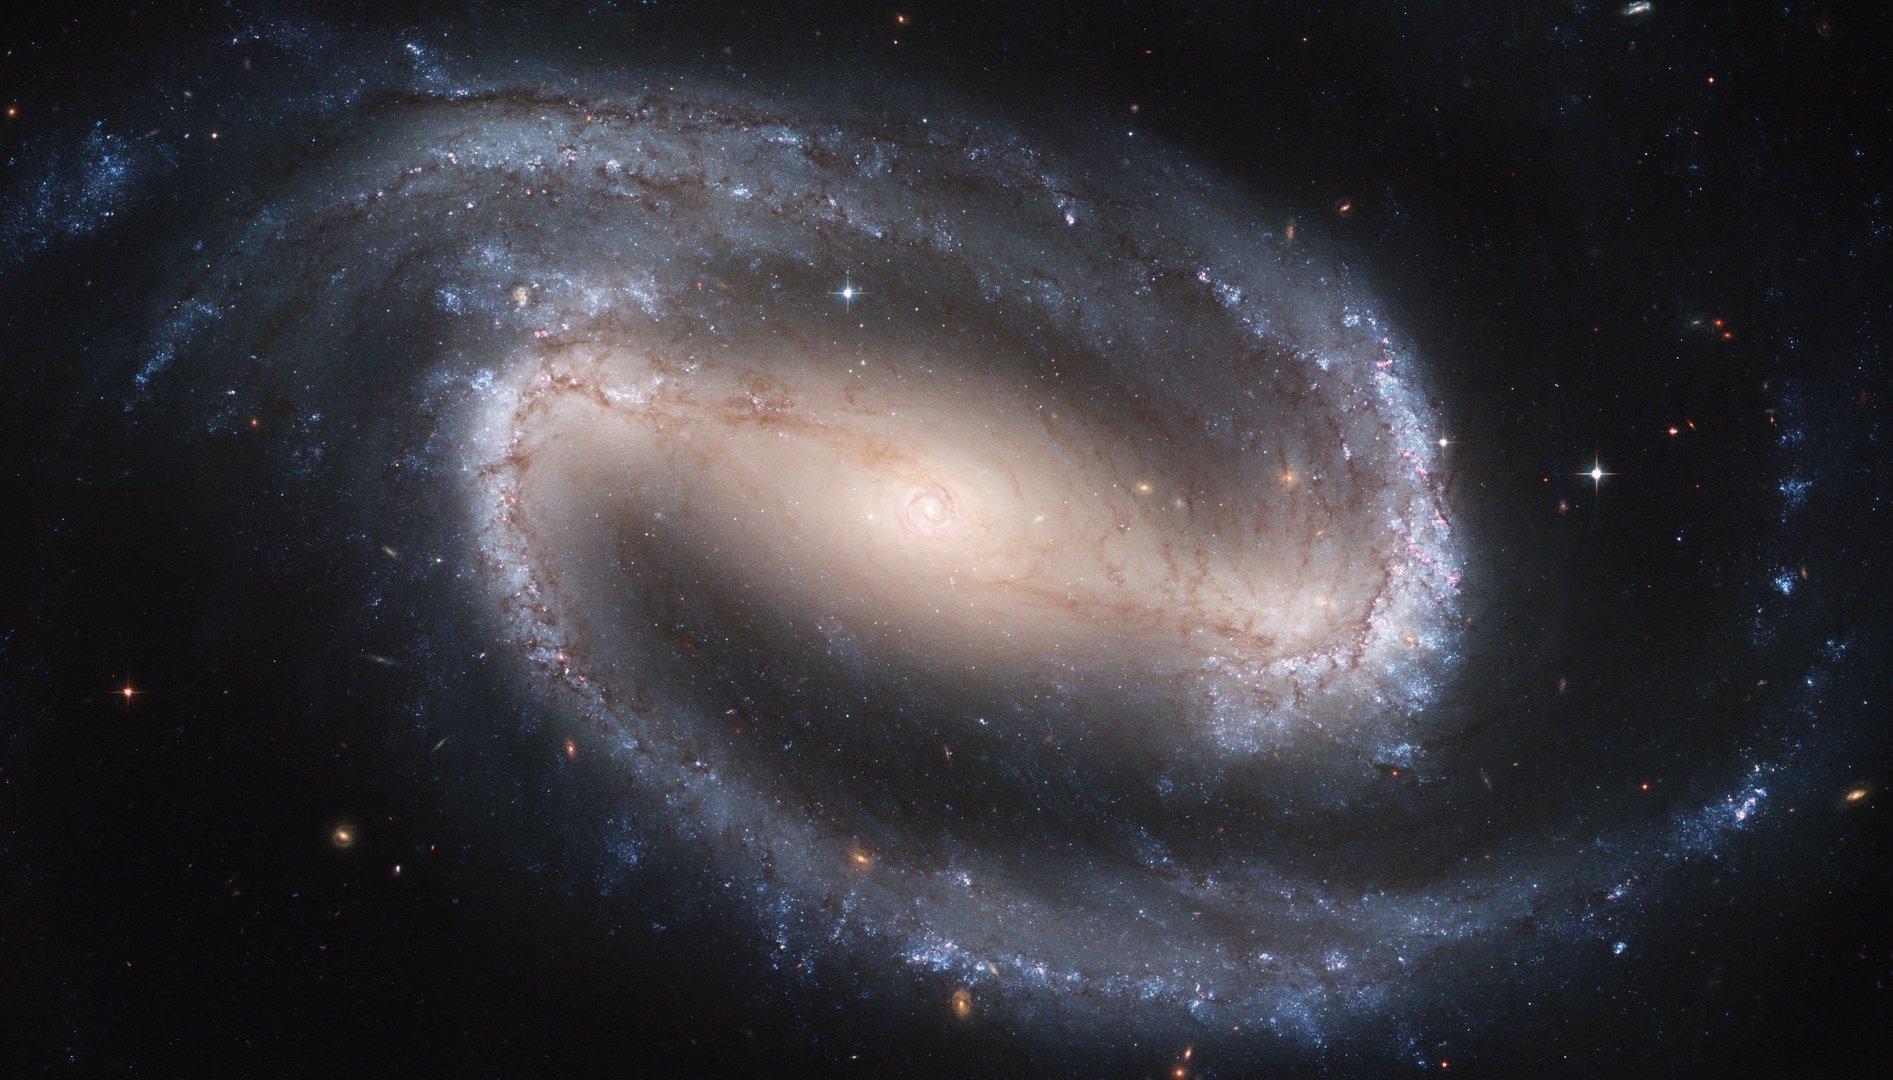 ciemna energia, astronomia, droga mleczna, galaktyka, kosmos, wszechświat